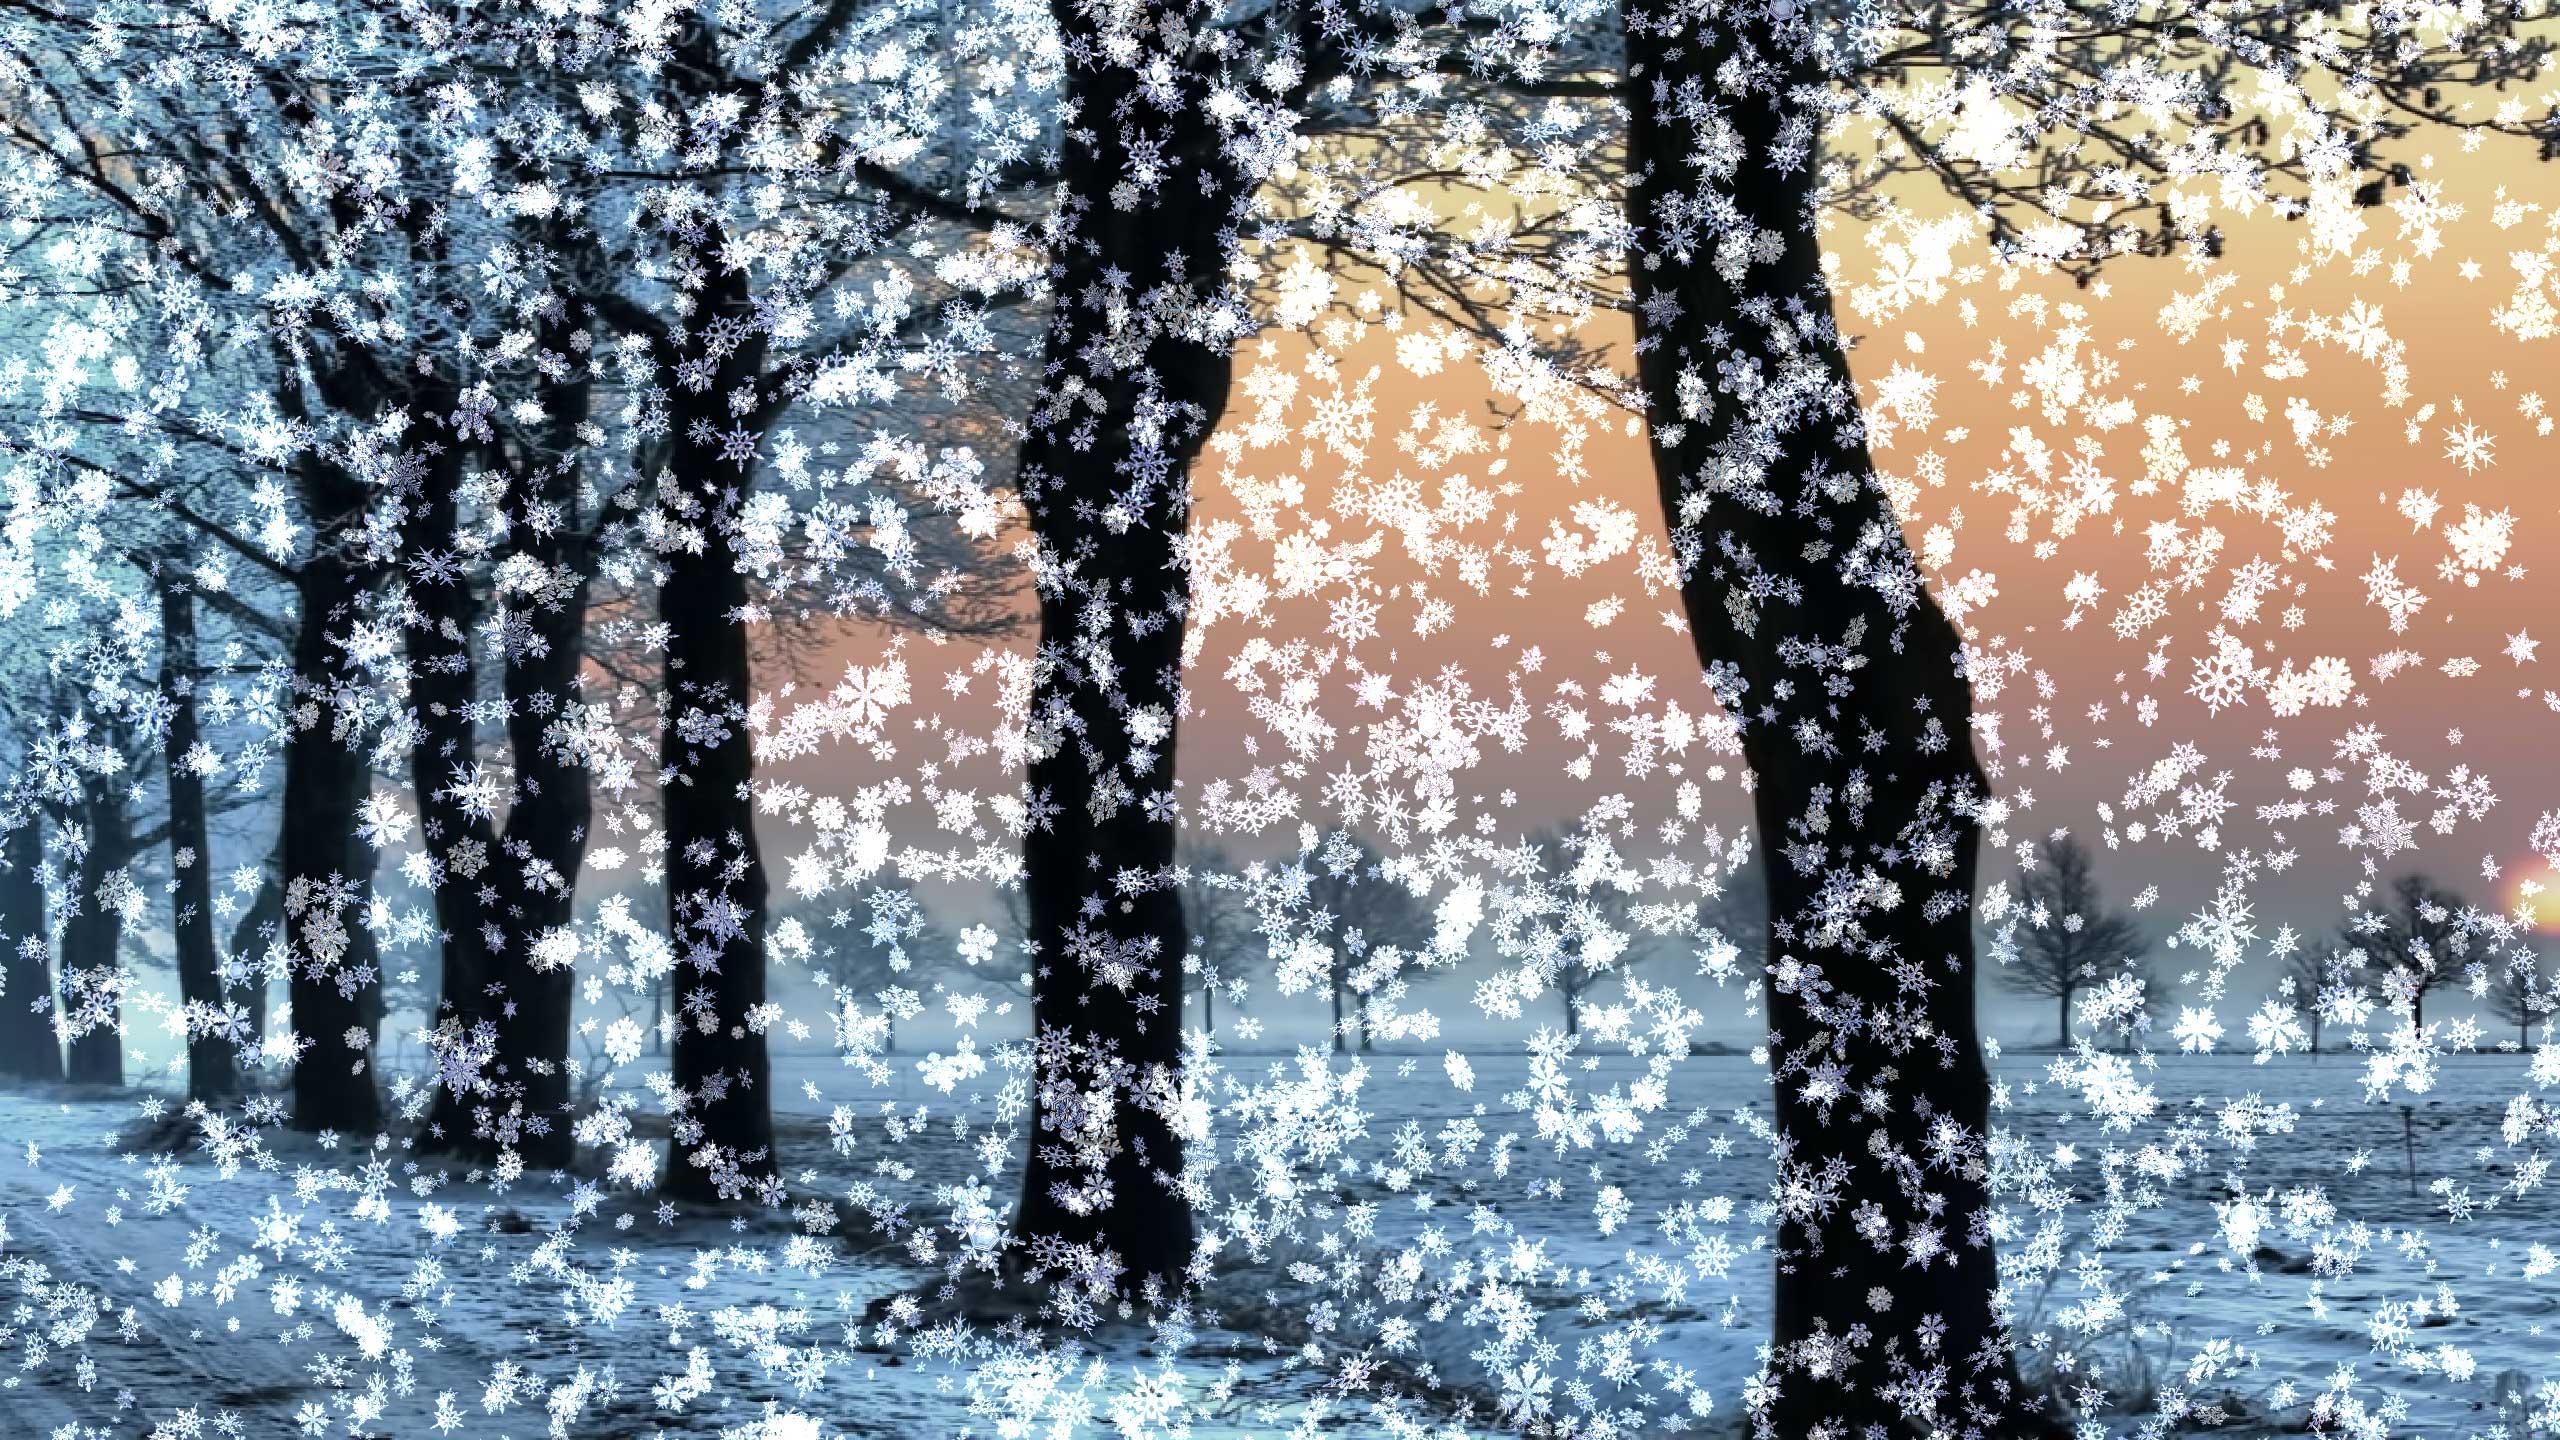 Картинки анимация снегопада для рабочего стола